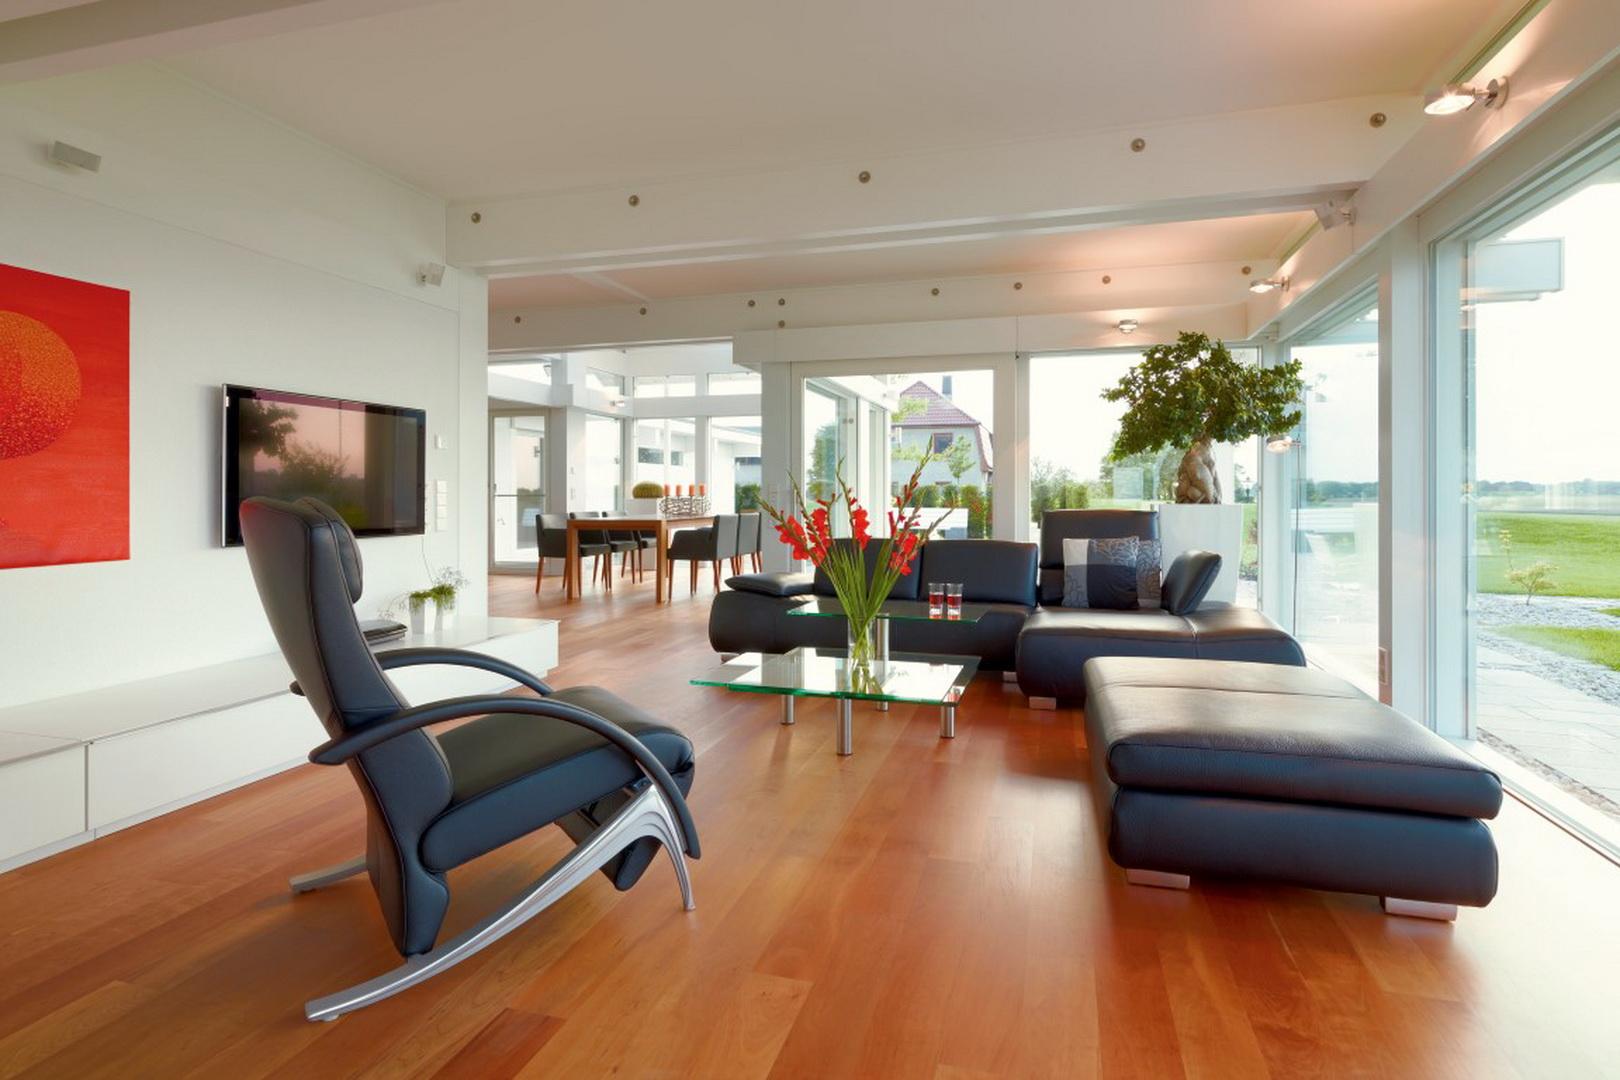 parkett teppich laminat und bodenlegerfachbetrieb in d sseldorf. Black Bedroom Furniture Sets. Home Design Ideas